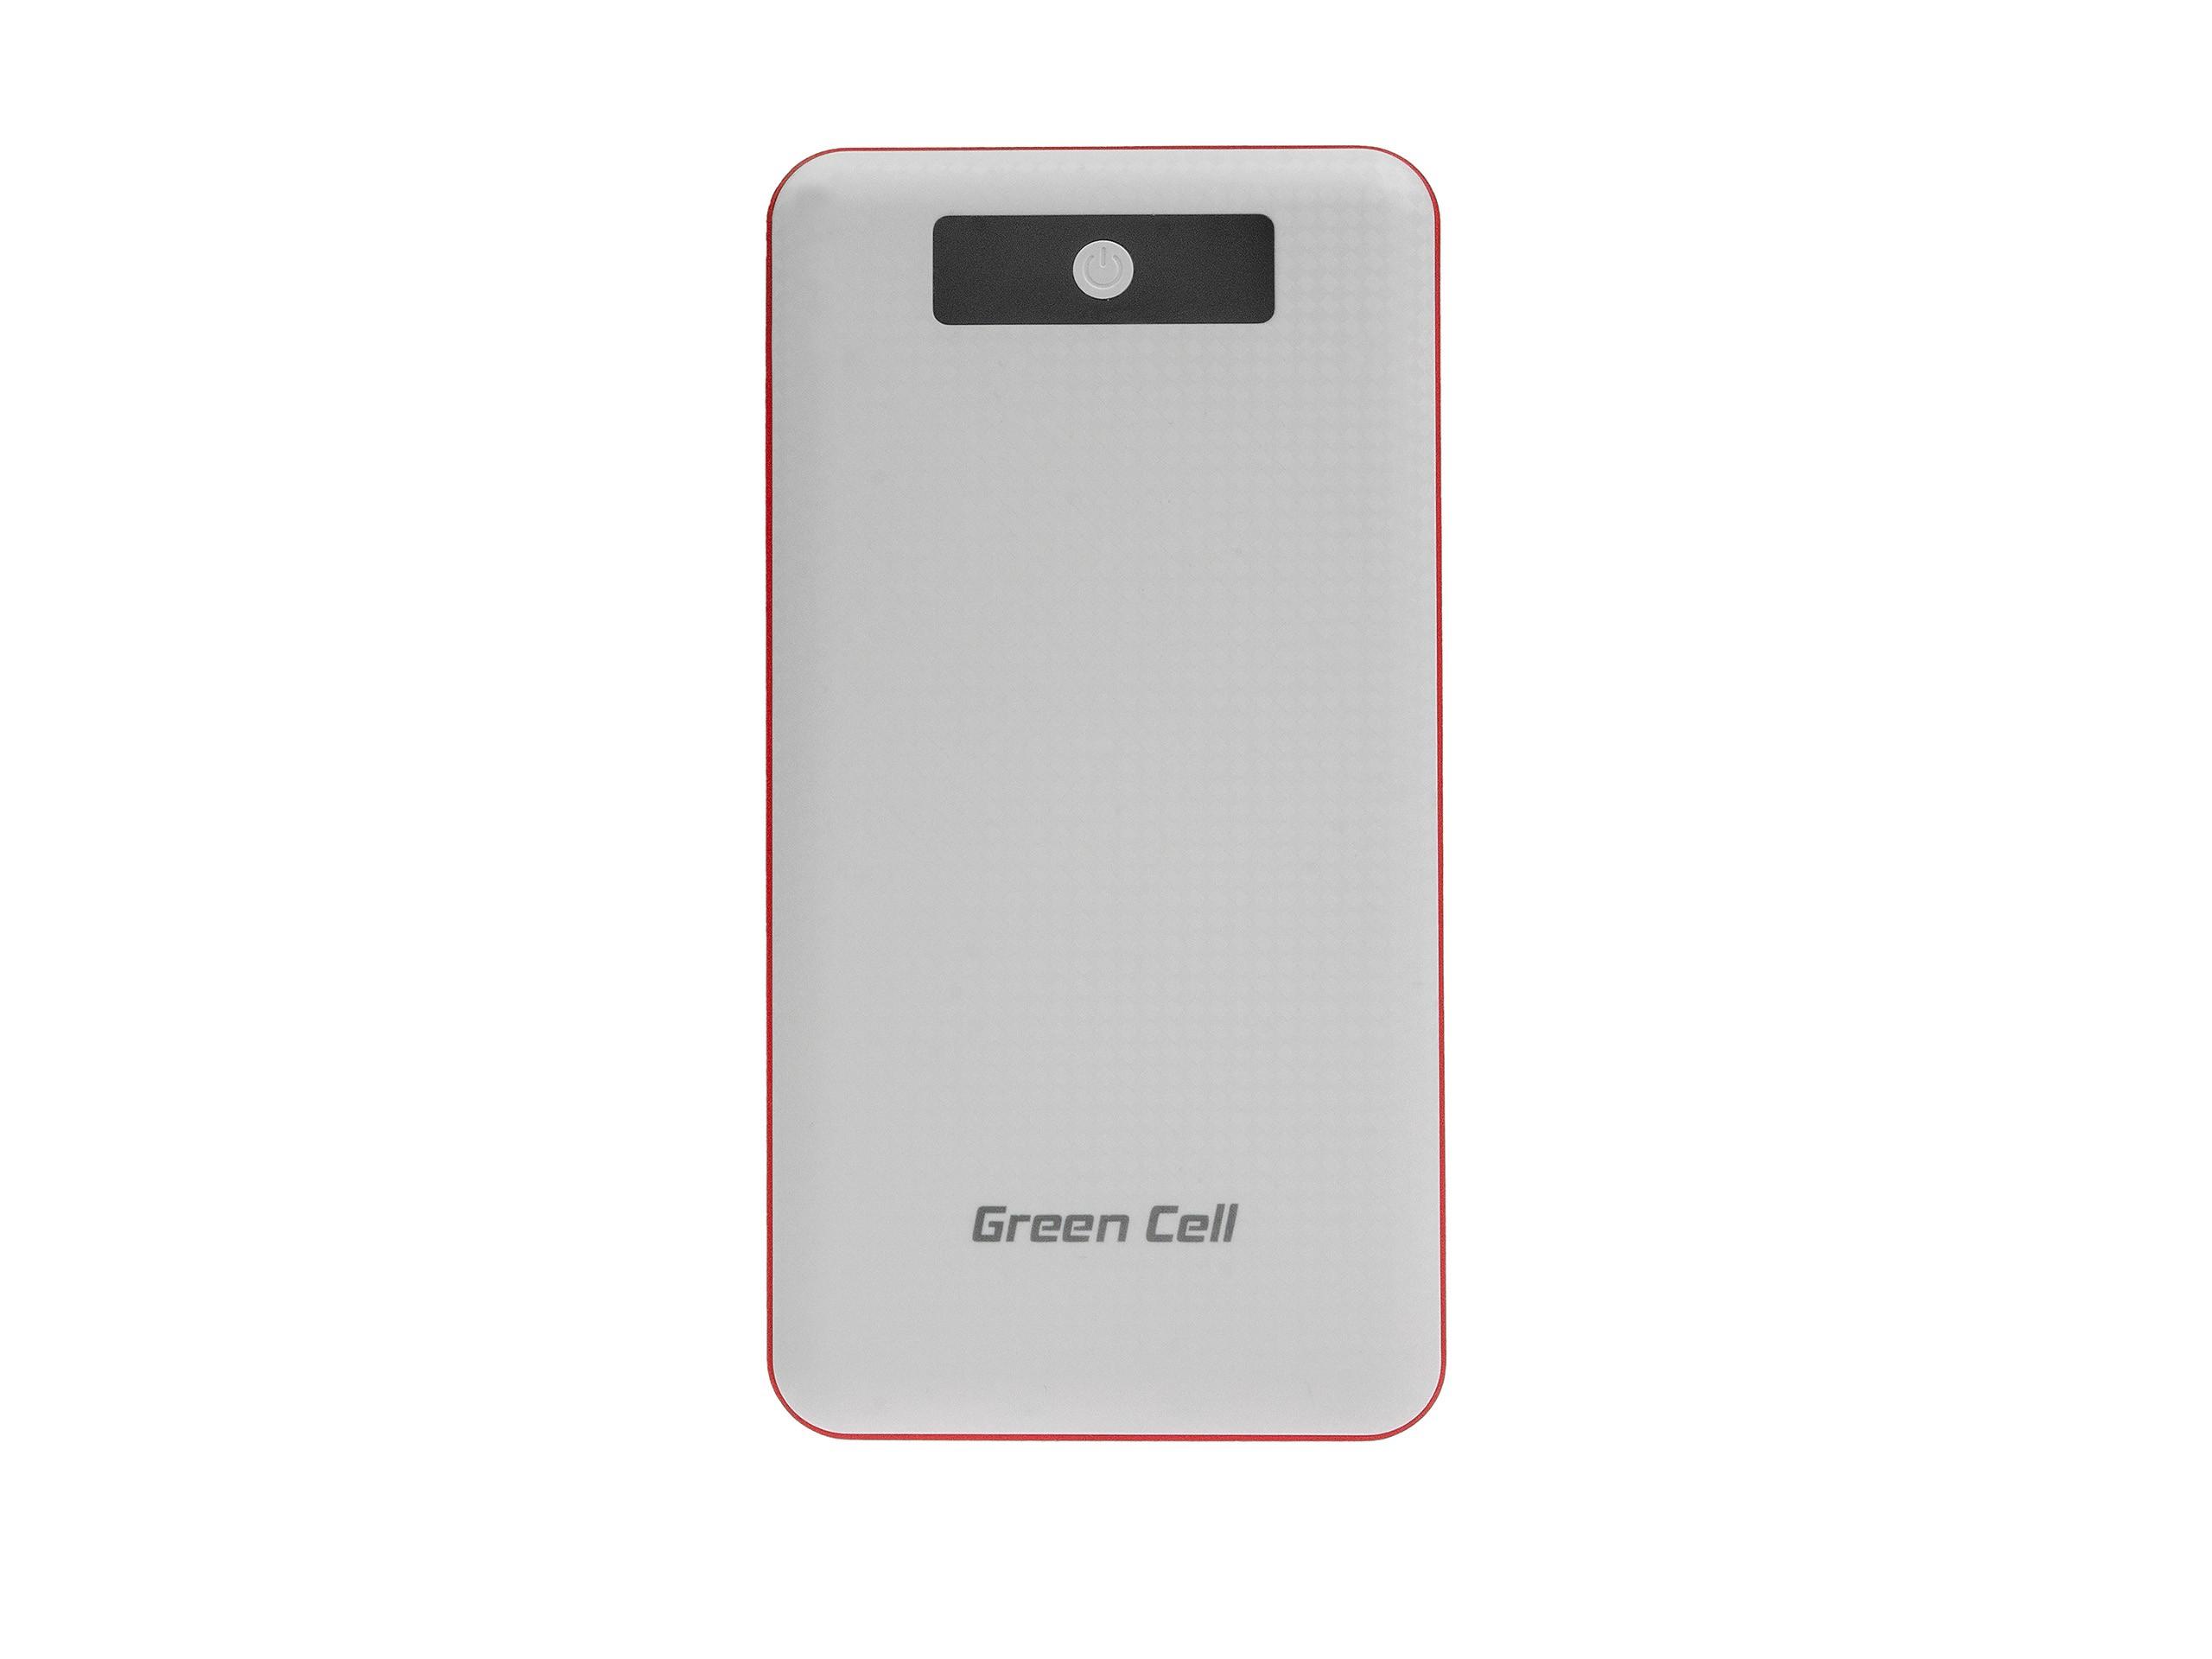 Power Bank Green Cell 27000mAh Qualcomm Quick Charge 3.0 Powerbank, mobilā uzlādes iekārta